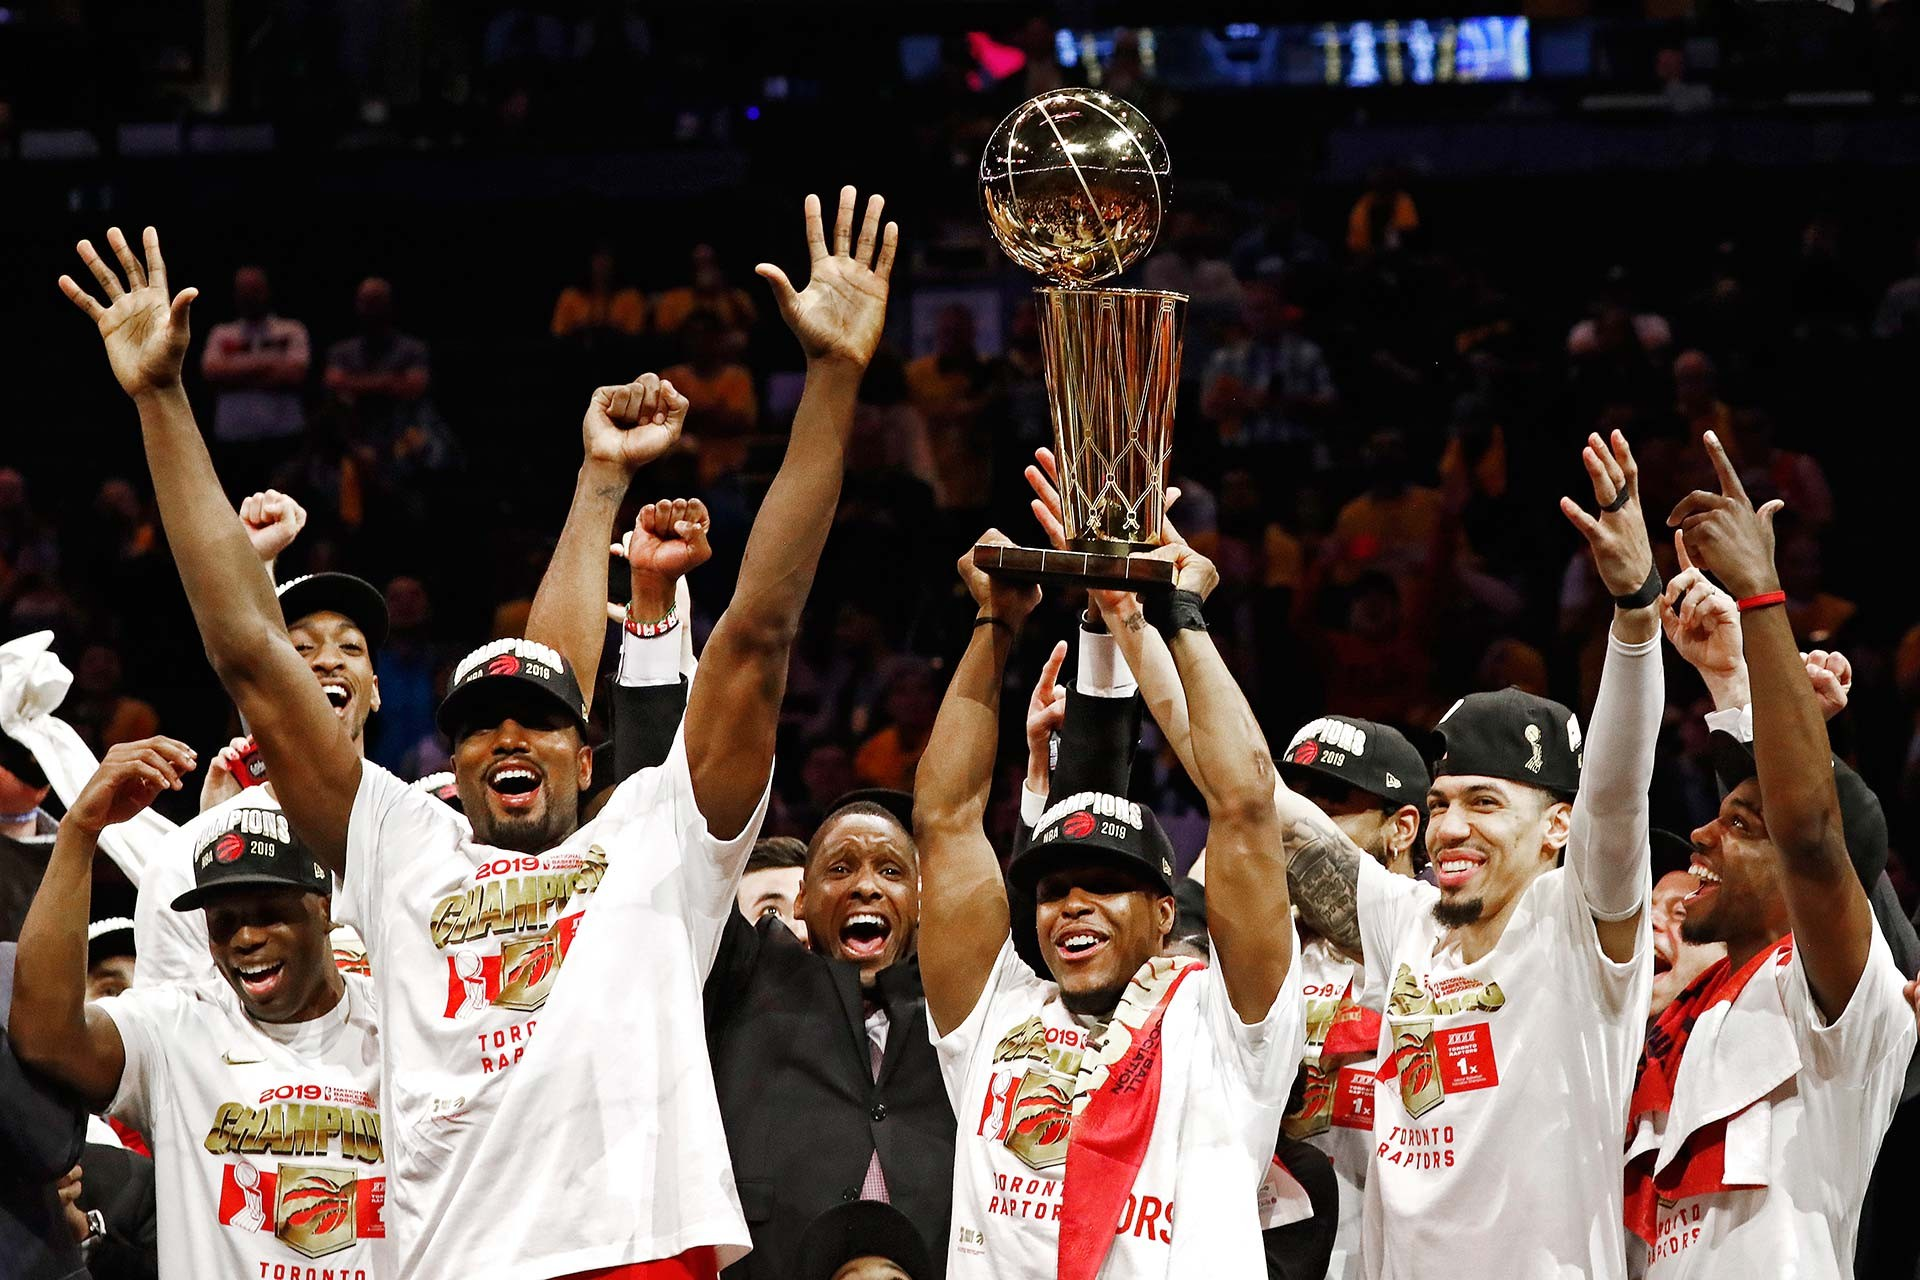 Toronto Raptors, NBA tarihinde ilk kez şampiyon oldu